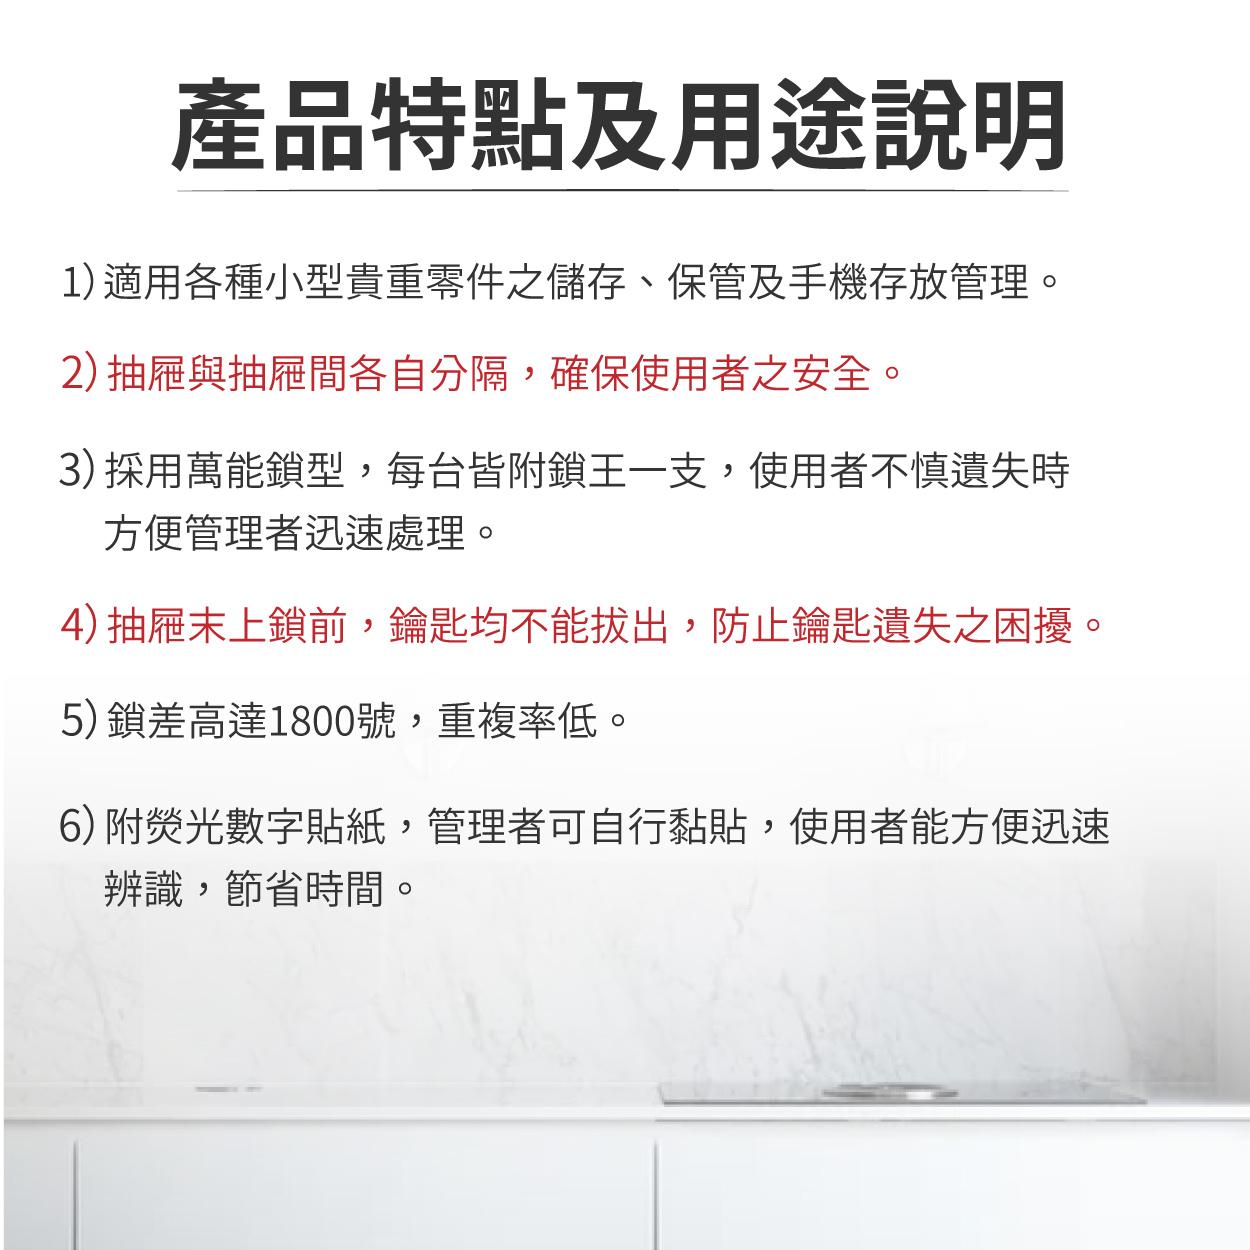 【大富】台灣製造 手機收納櫃|儀器櫃 鑰匙櫃 精密零件櫃 DF-MP-24(透明盒)(實用型)貴重物品保管櫃